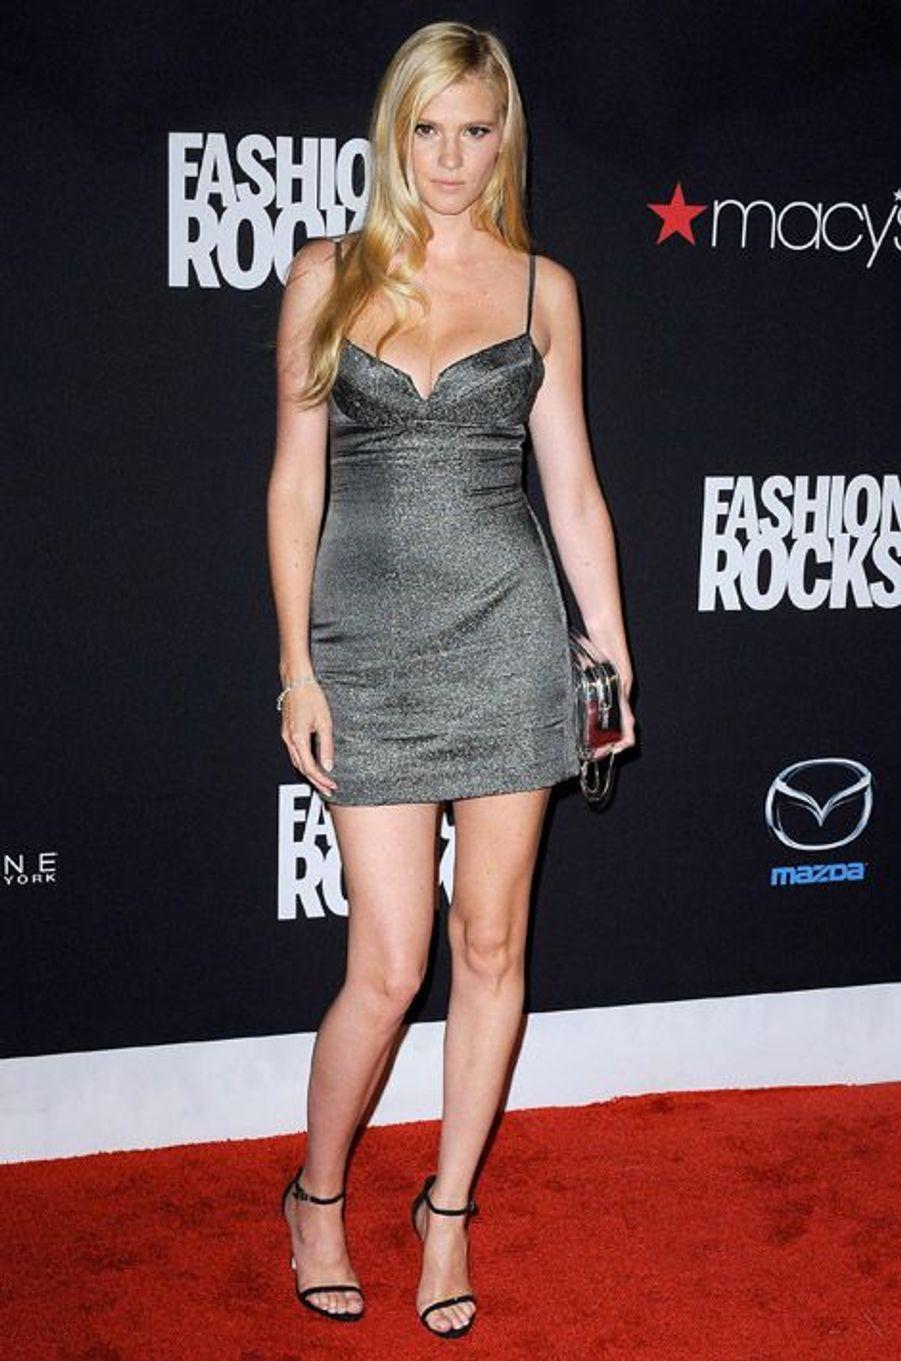 L'actrice Lara Stone en Calvin Klein lors de la soirée Fashion Rocks, à New York, le 9 septembre 2014